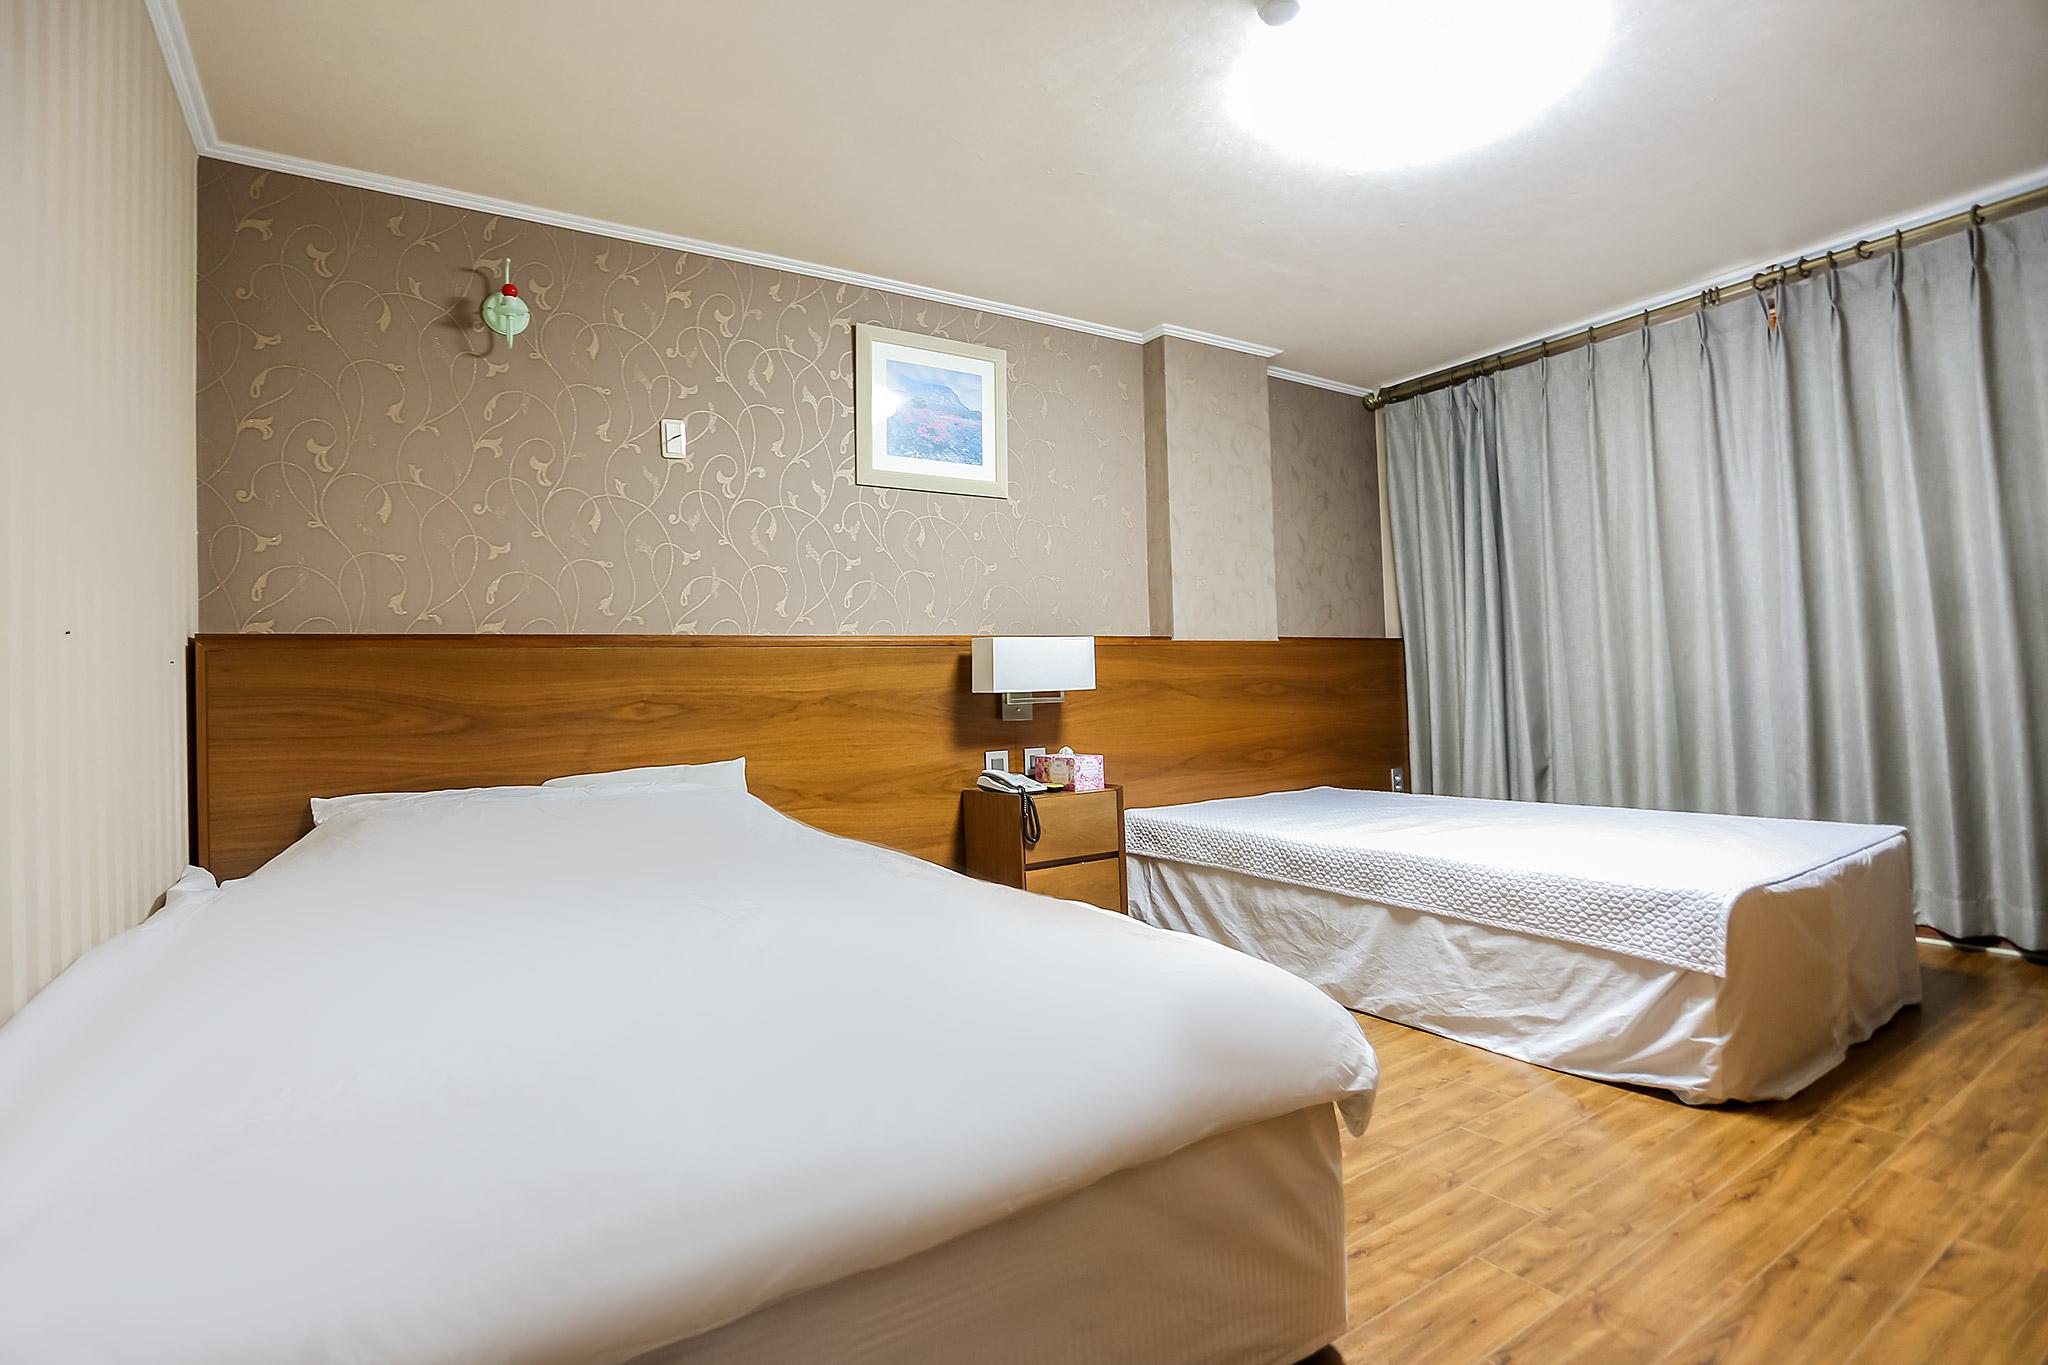 서귀포(성산) 성산호텔 이미지1